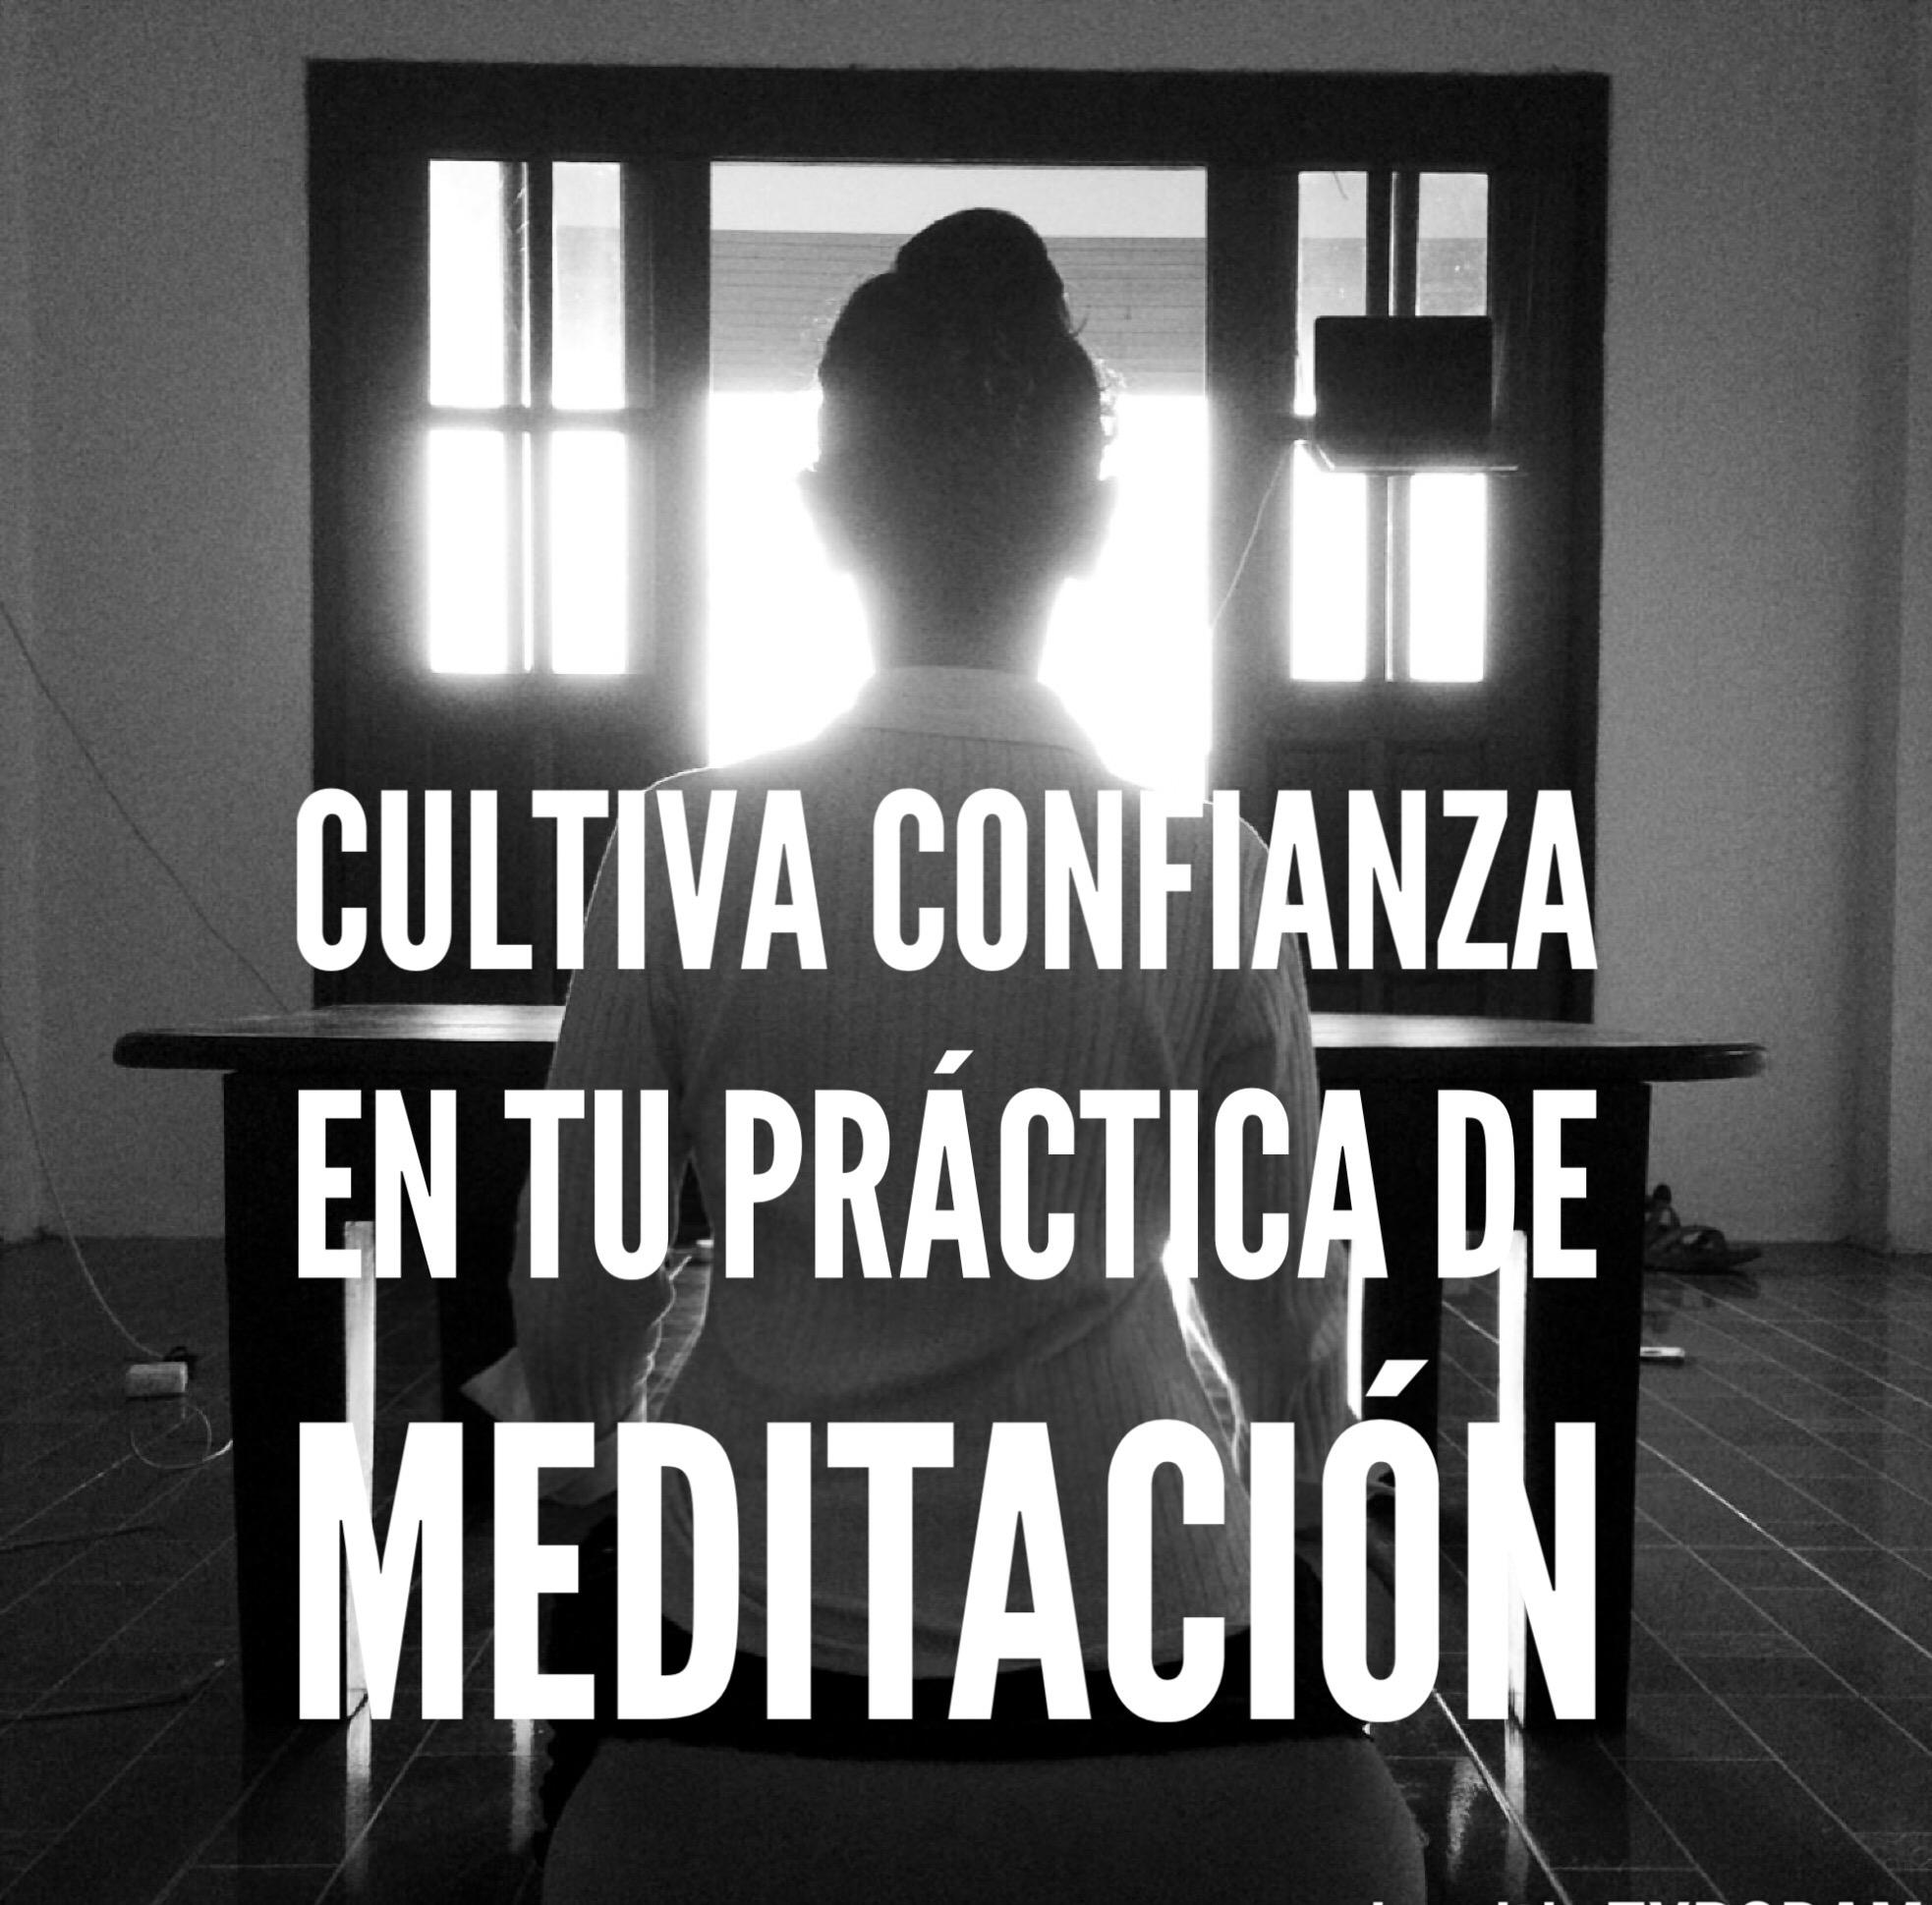 Cómo cultivar confianza en tu práctica de Meditación